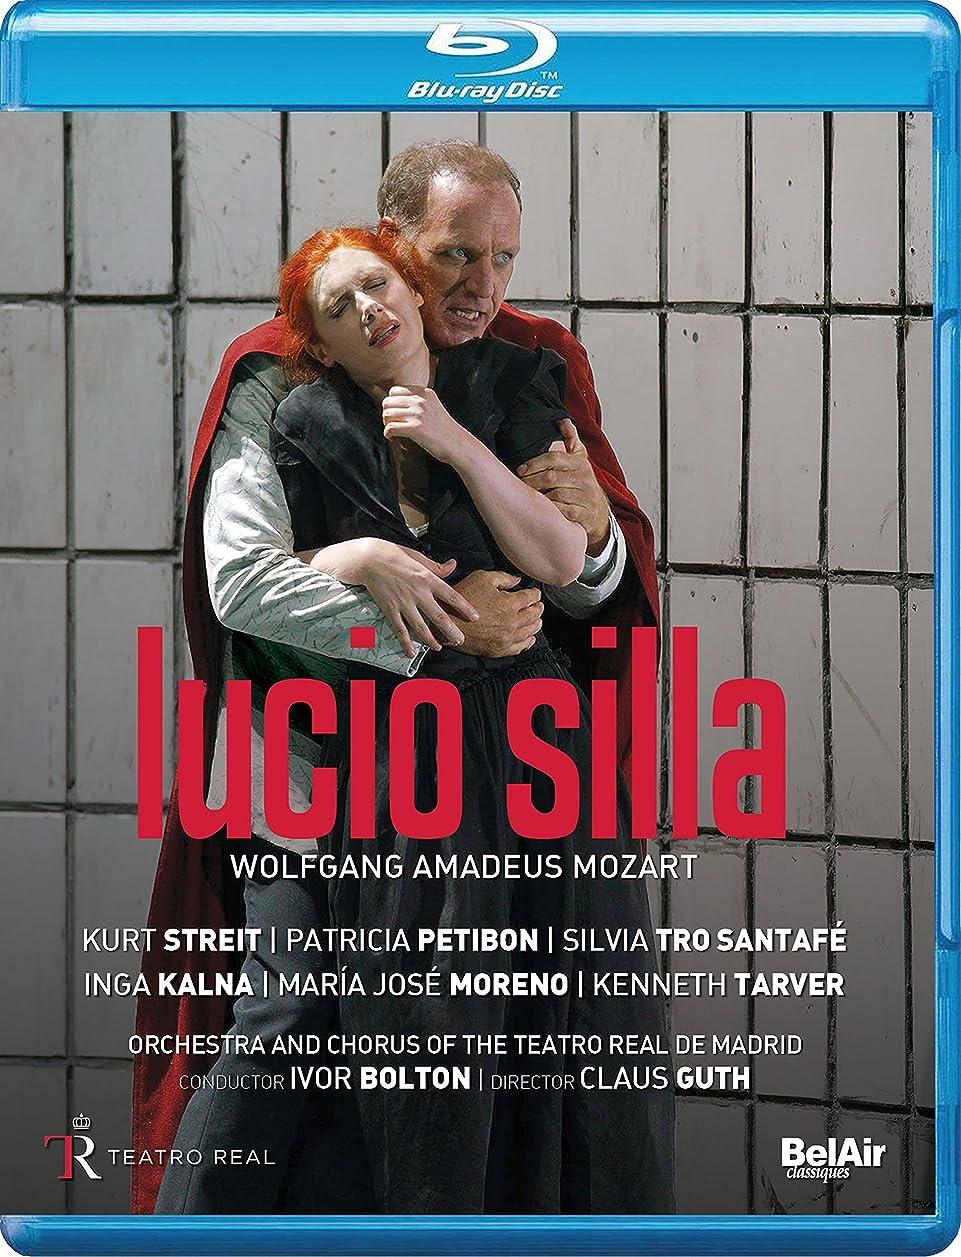 徹底的に深いトライアスロンモーツァルト:歌劇《ルーチョ?シッラ》(Blu-ray Disc)